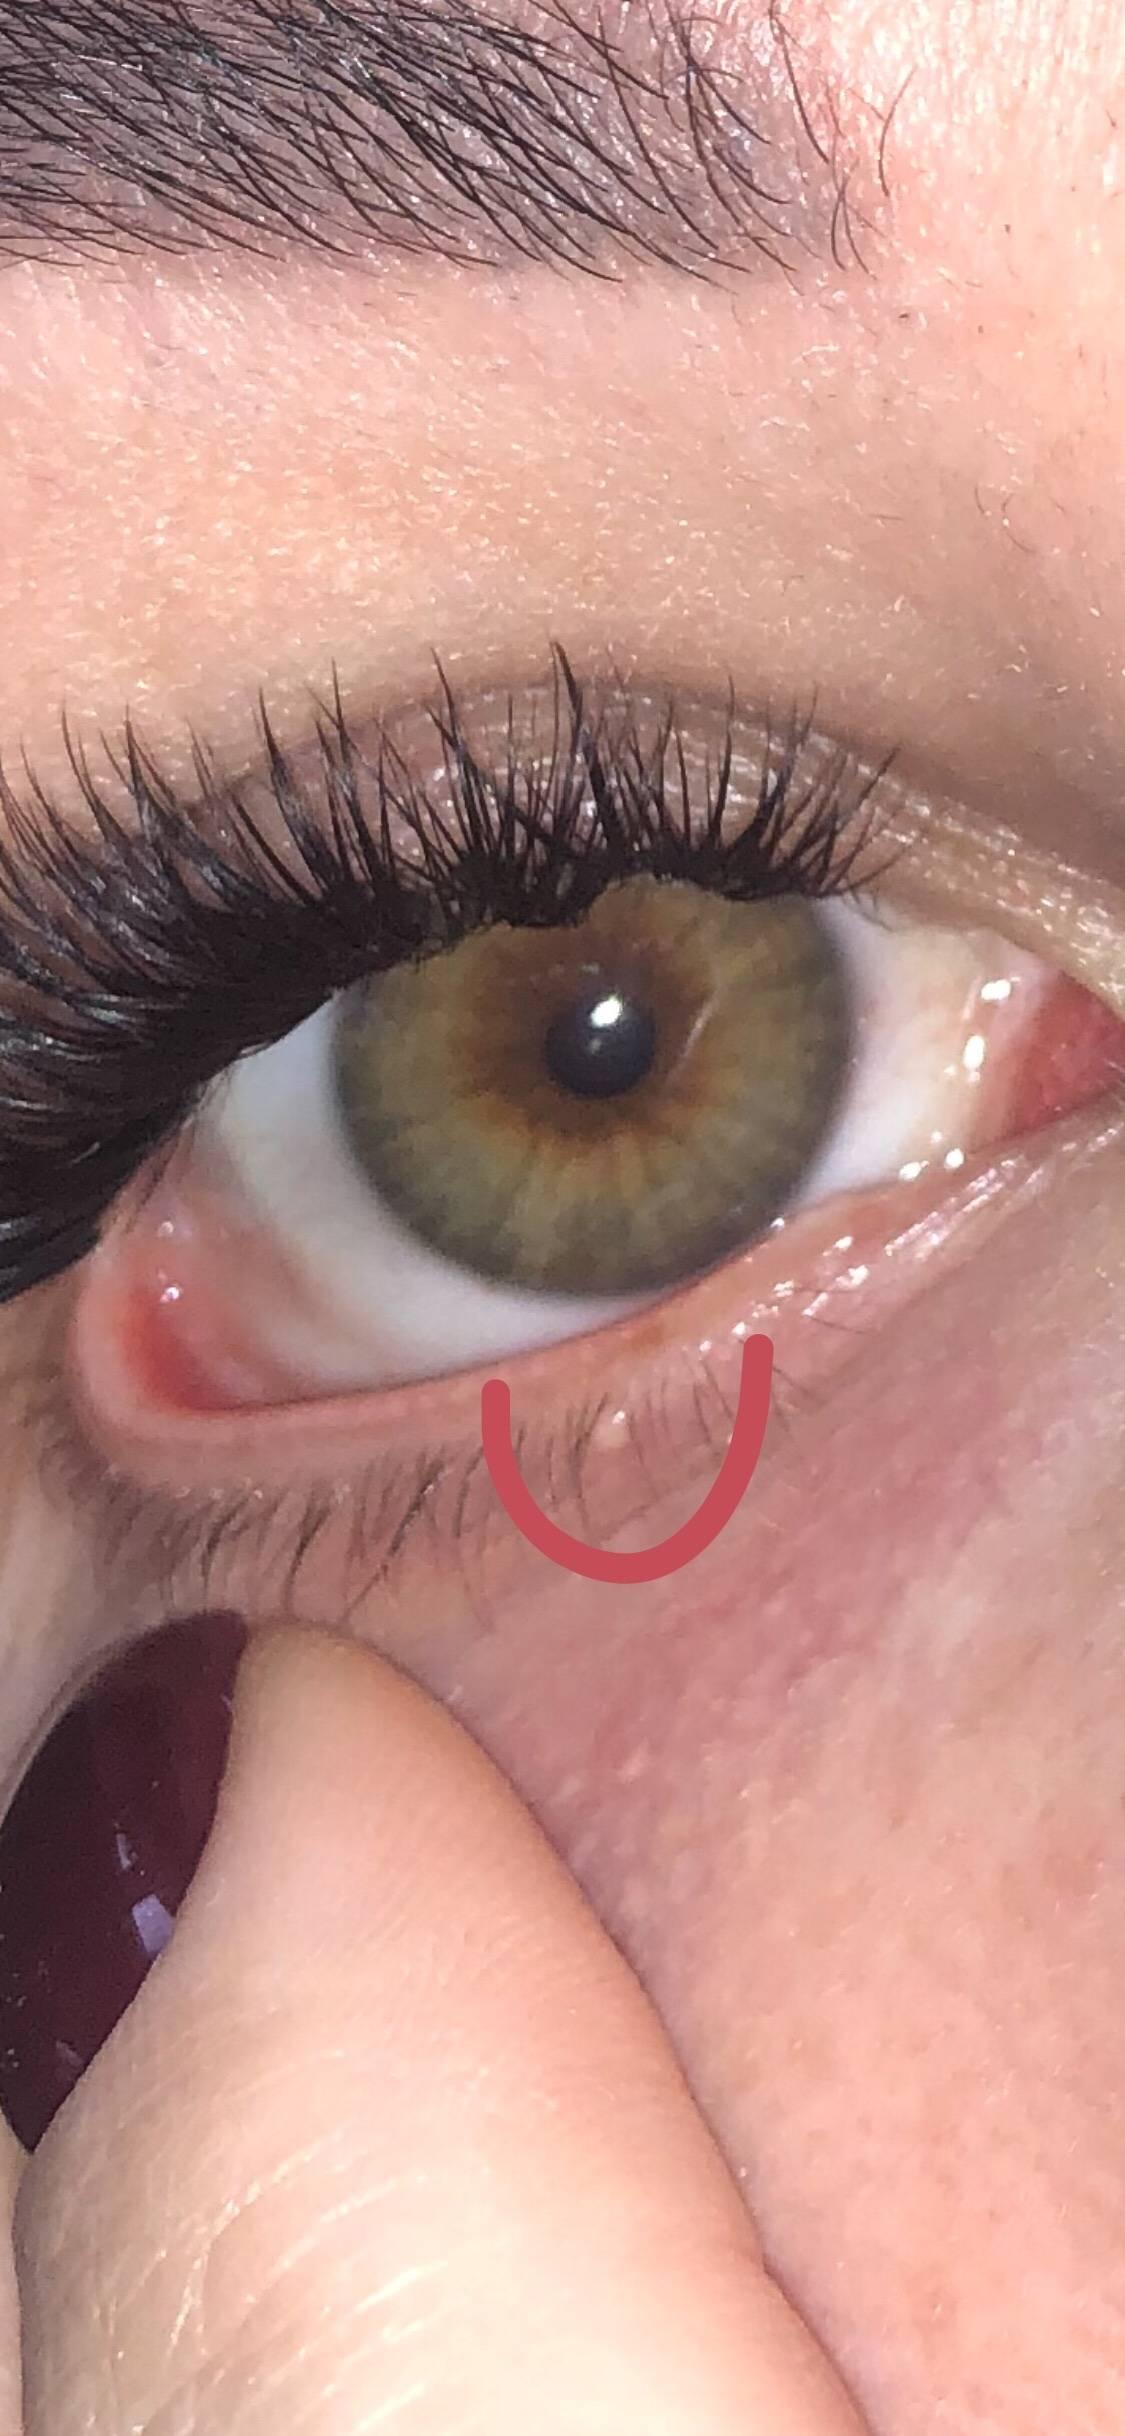 Прыщ на веке глаза внутри, причины появление на внутренней стороне